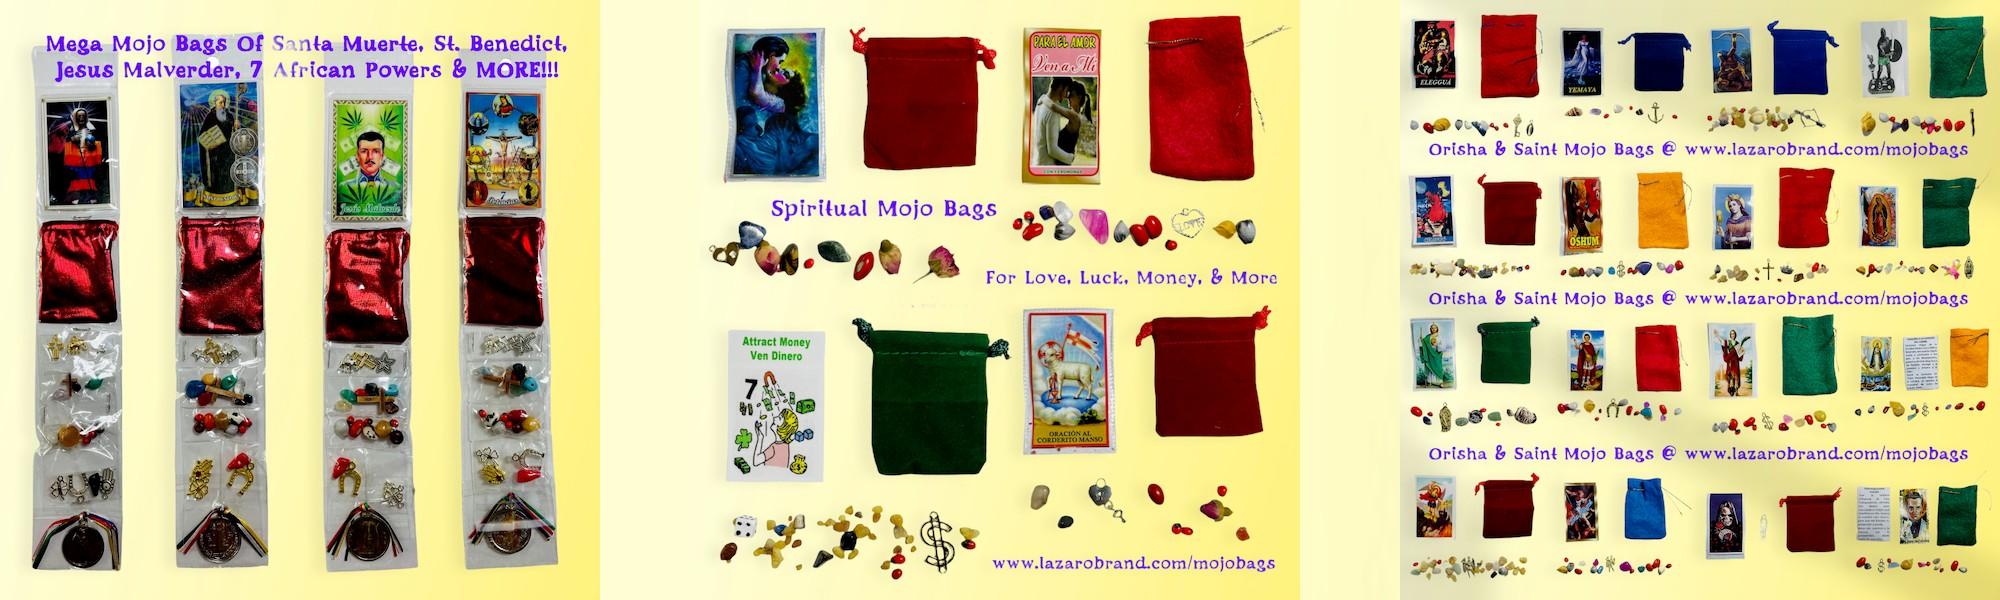 mojo-bag-banner.jpg